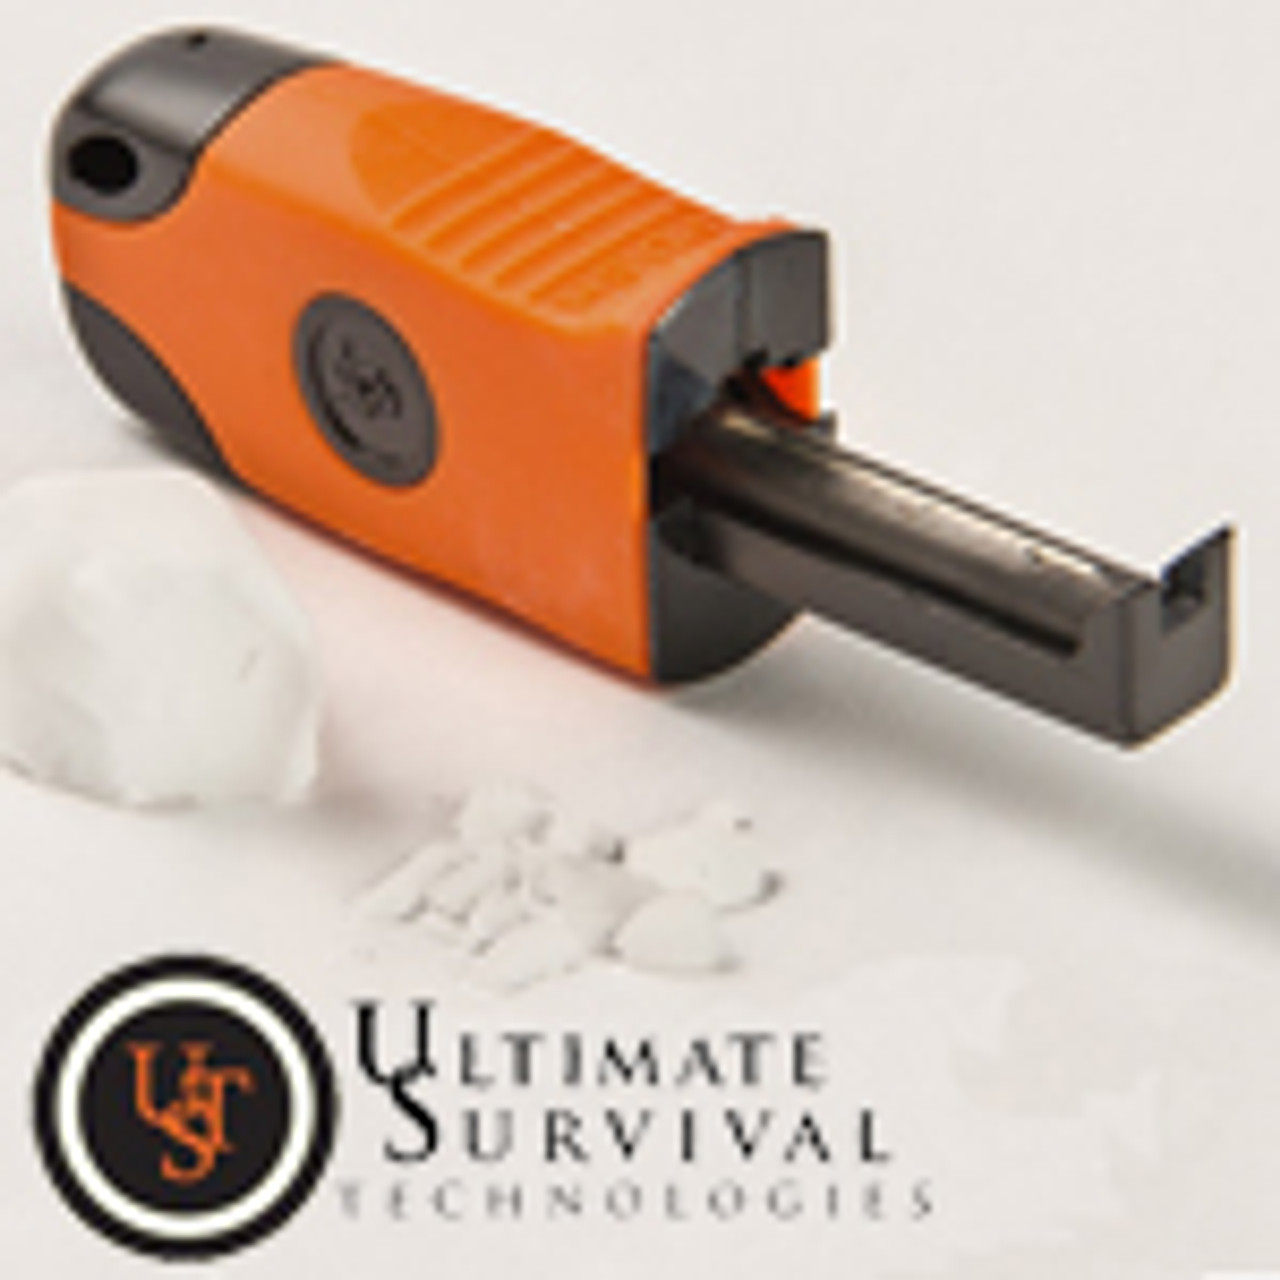 Ultimate Survival Sparkie Firestarter Orange Lightweight 20-902-0003-001